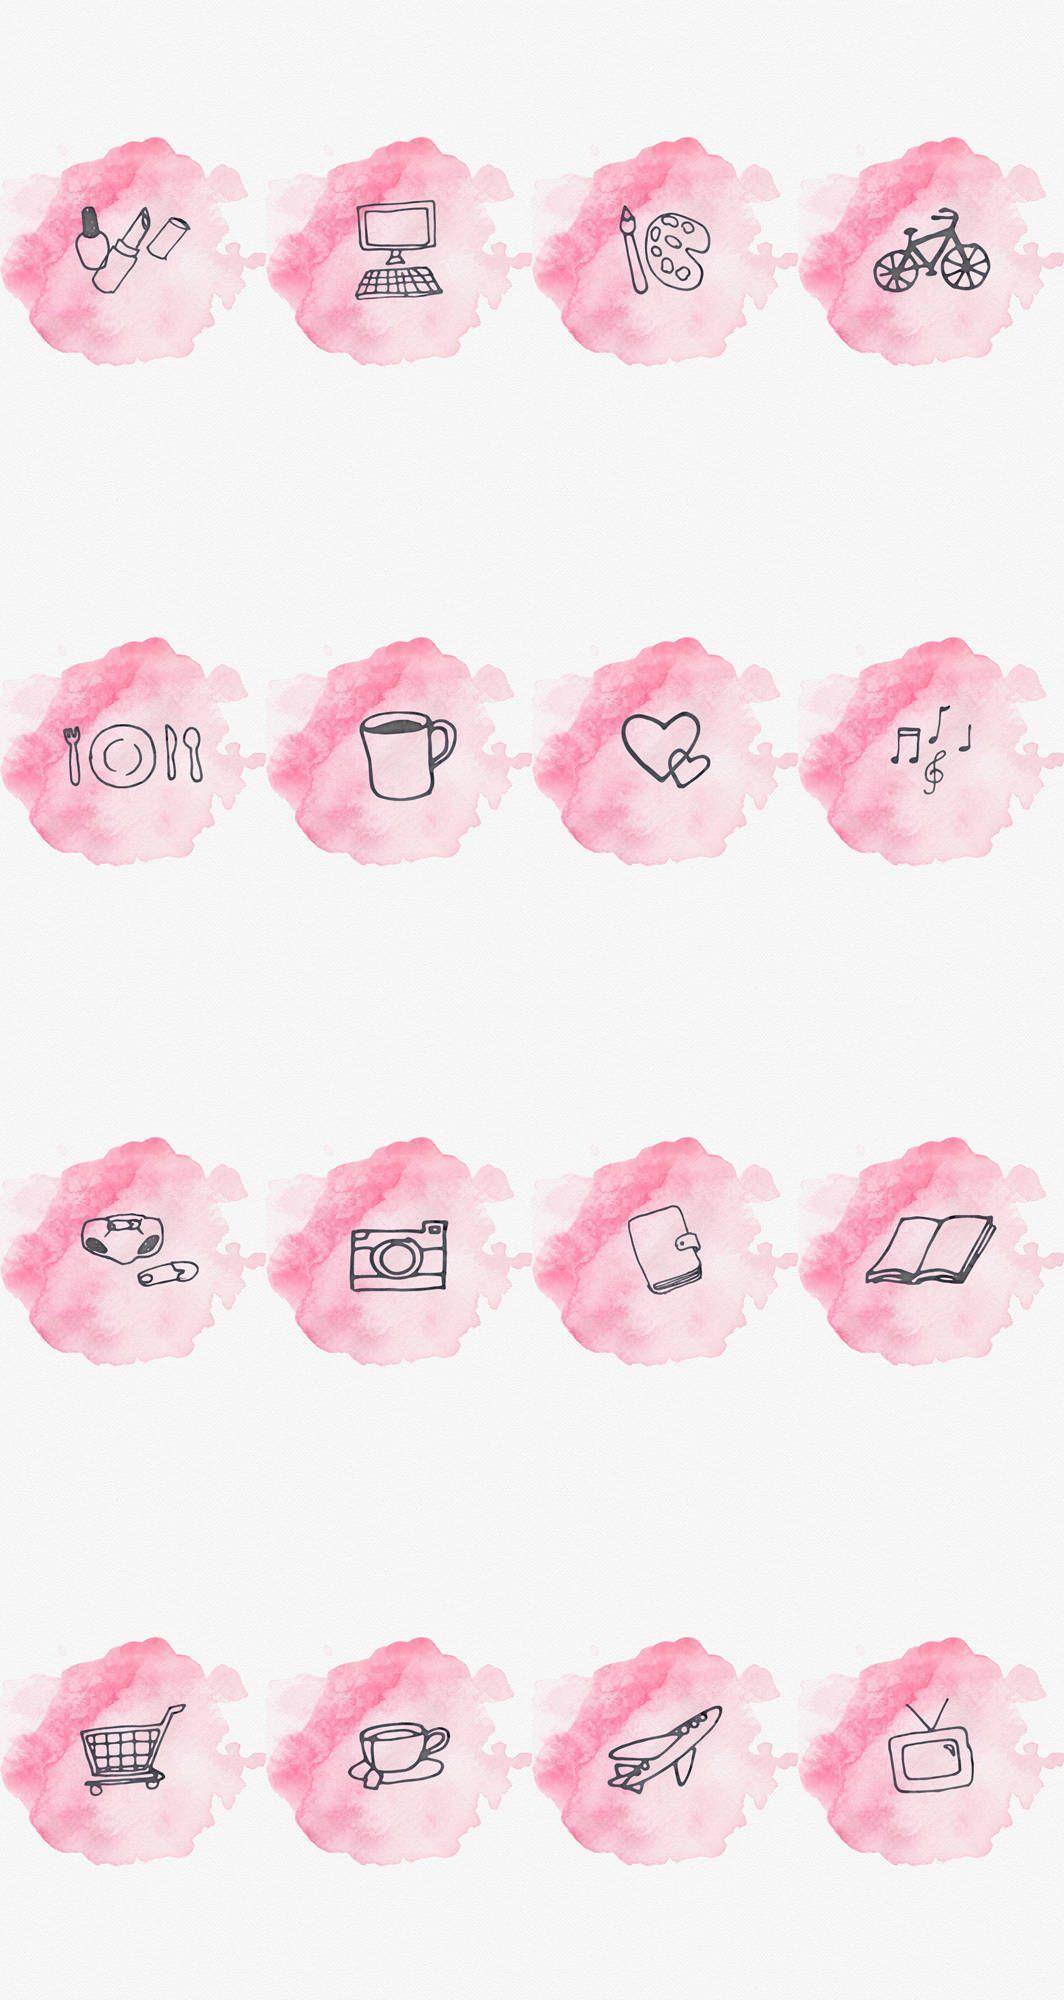 Instagram Story Highlight Cover Set Of 16 Pink Watercolor Nabor Znachkov Rozovye Momenty Ikonki Socialnyh Setej